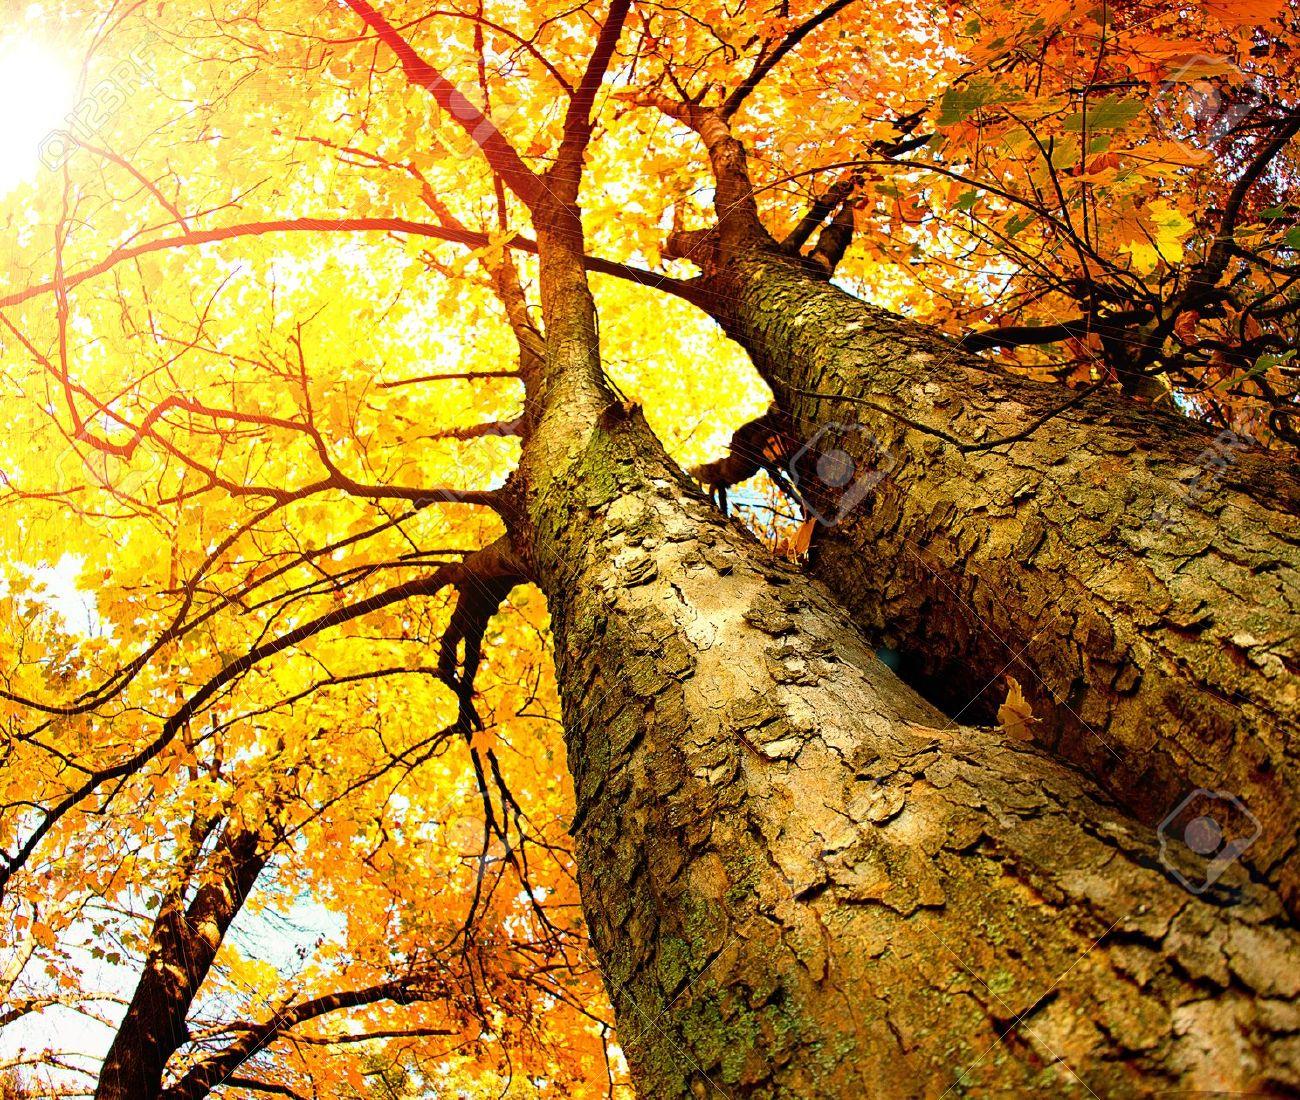 Los árboles Del Otoño Otoño Fotos Retratos Imágenes Y Fotografía